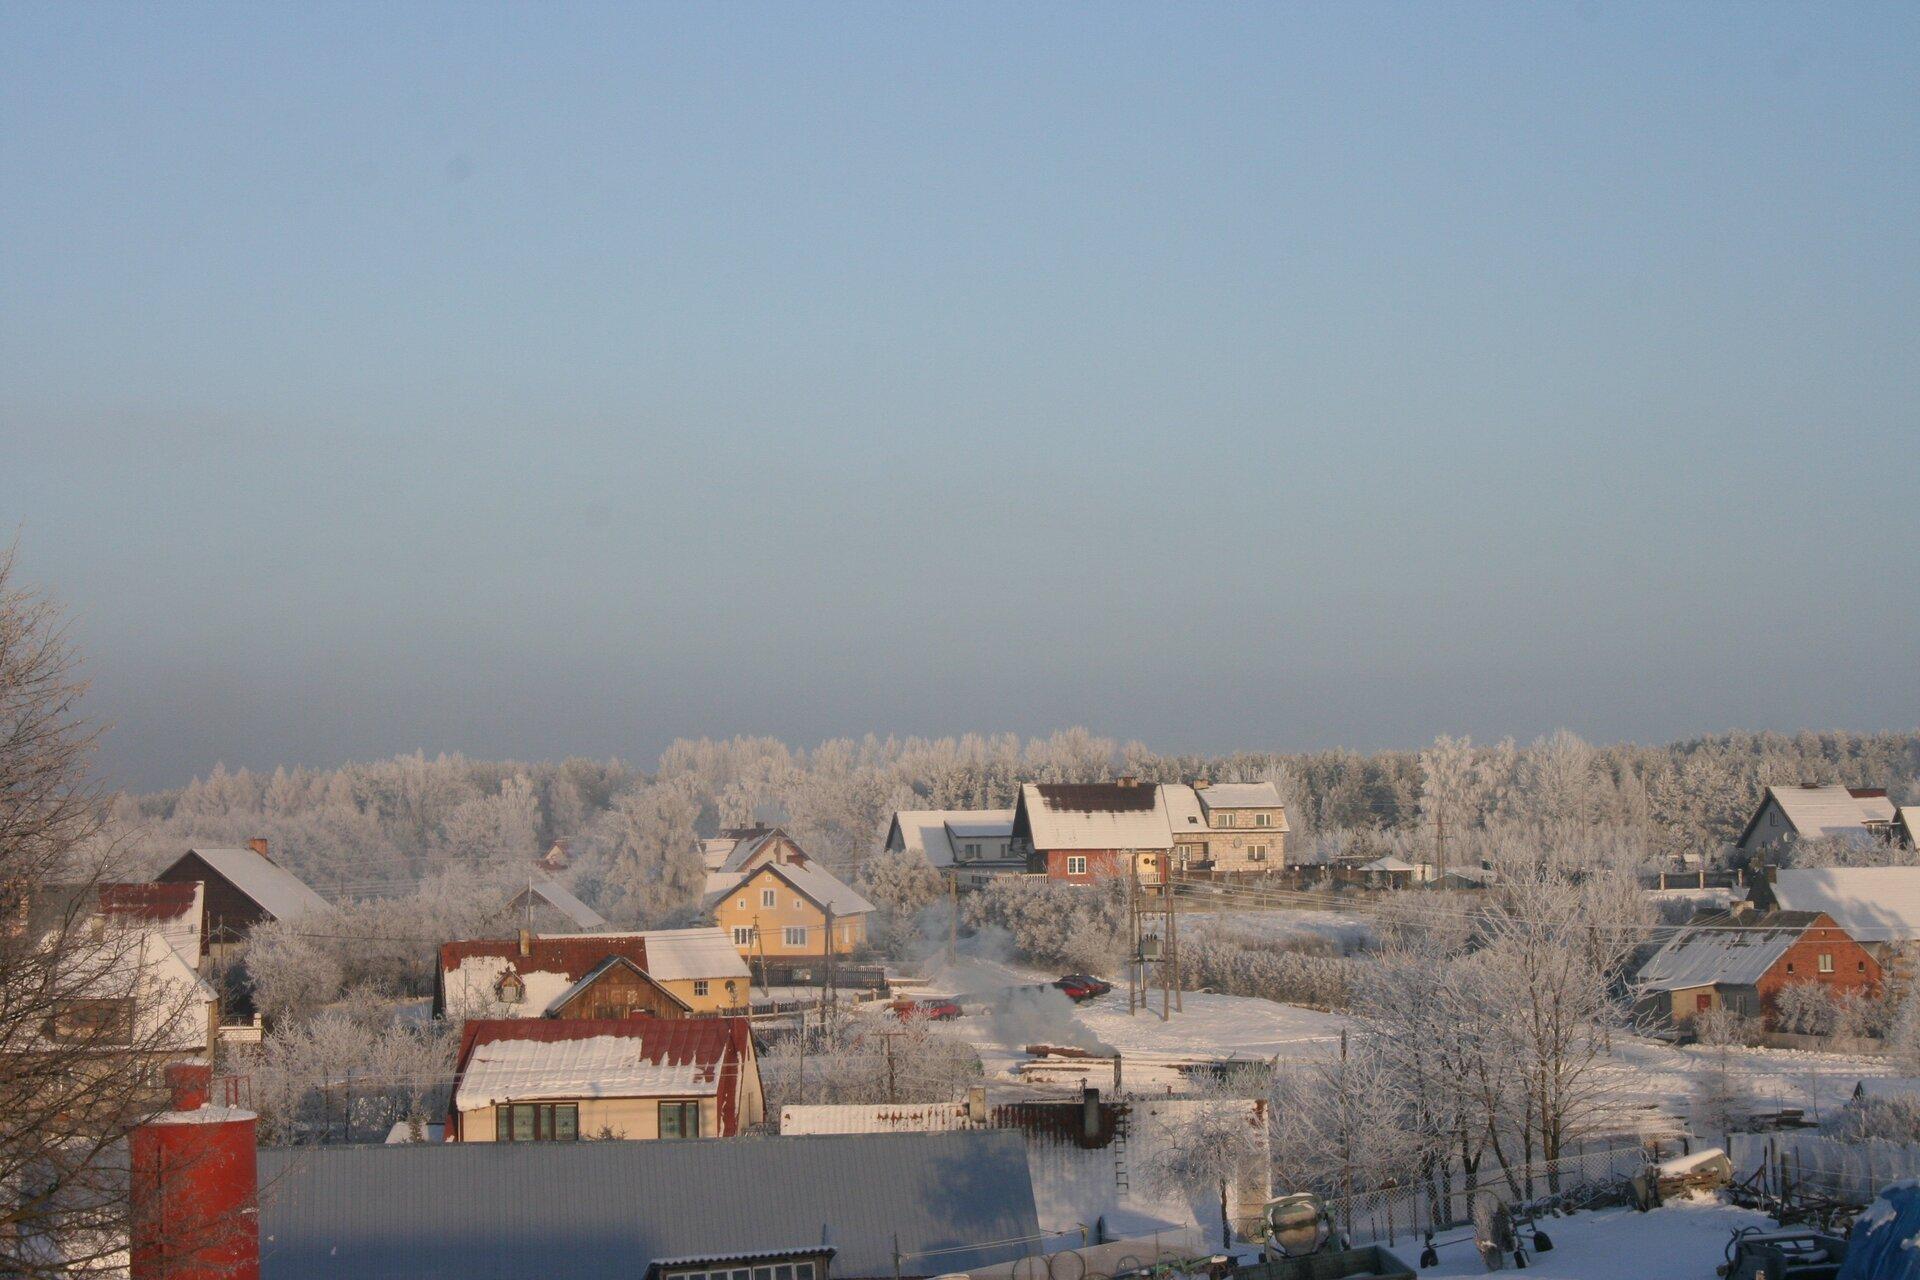 Ilustracja przedstawia wieś Kosewo zimą. Słoneczny dzień. Zabudowa wiejska. Domy jednorodzinne ułożone niesymetrycznie. Spadziste dachy domów pokryte śniegiem. Pomiędzy domami wysokie drzewa pokryte srebrzysto białą szadzią. Wtle, za domami, teren leśny. Korony drzew wlesie białe. Cały teren pokryty śniegiem. Powyżej linii horyzontu błękitne niebo nieco zamglone.